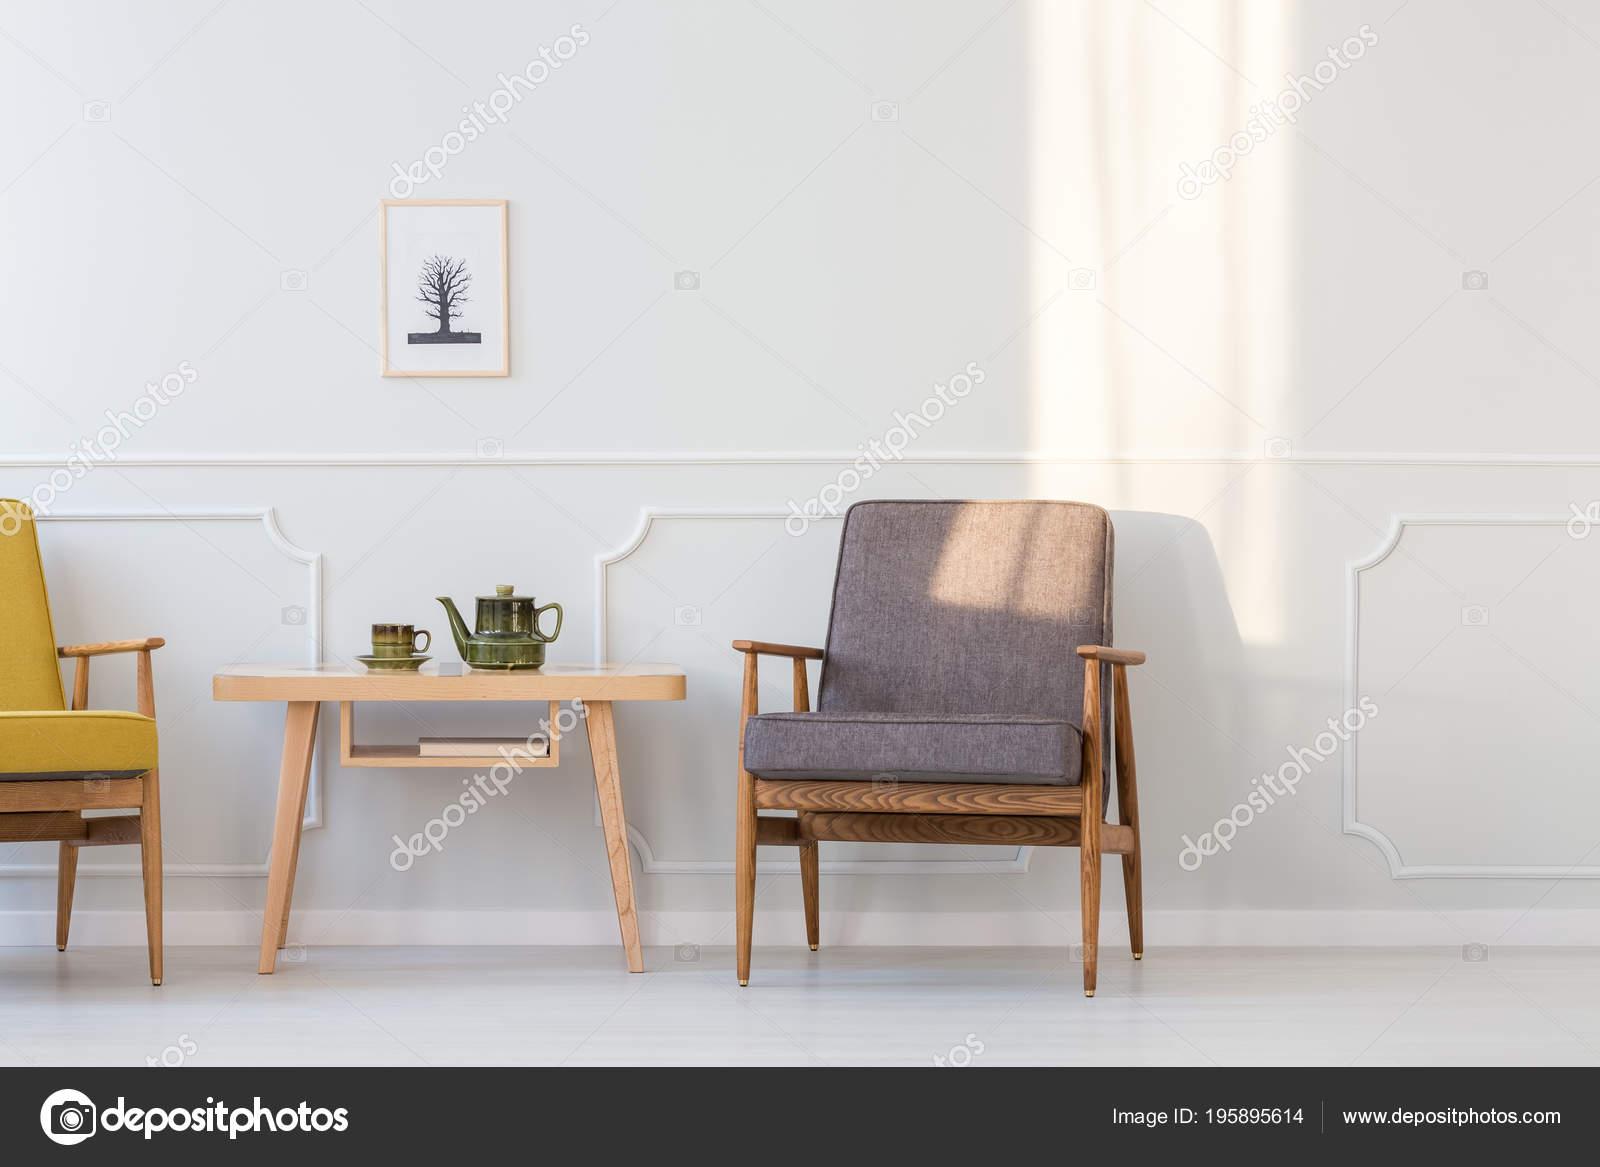 Grijs houten fauteuil naast tabel minimale woonkamer interieur met